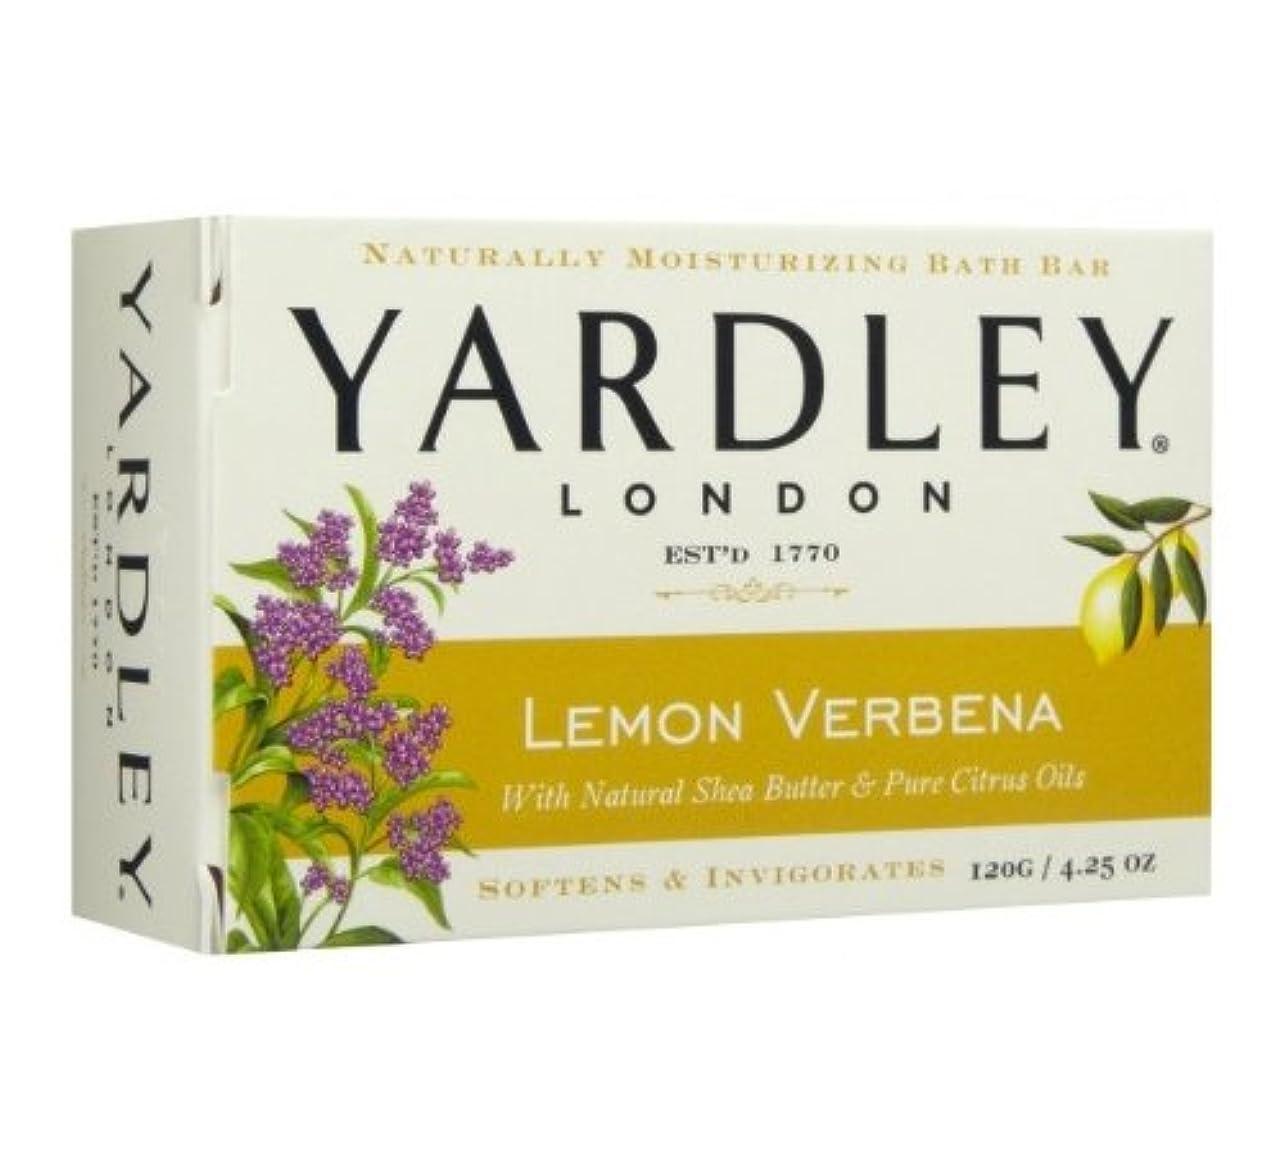 地殻巻き戻すエスカレート【2個 ハワイ直送品】Yardley London Lemon Verbena Moisturizing Bath Bar ヤードリー レモンバーベナ ソープ 120g